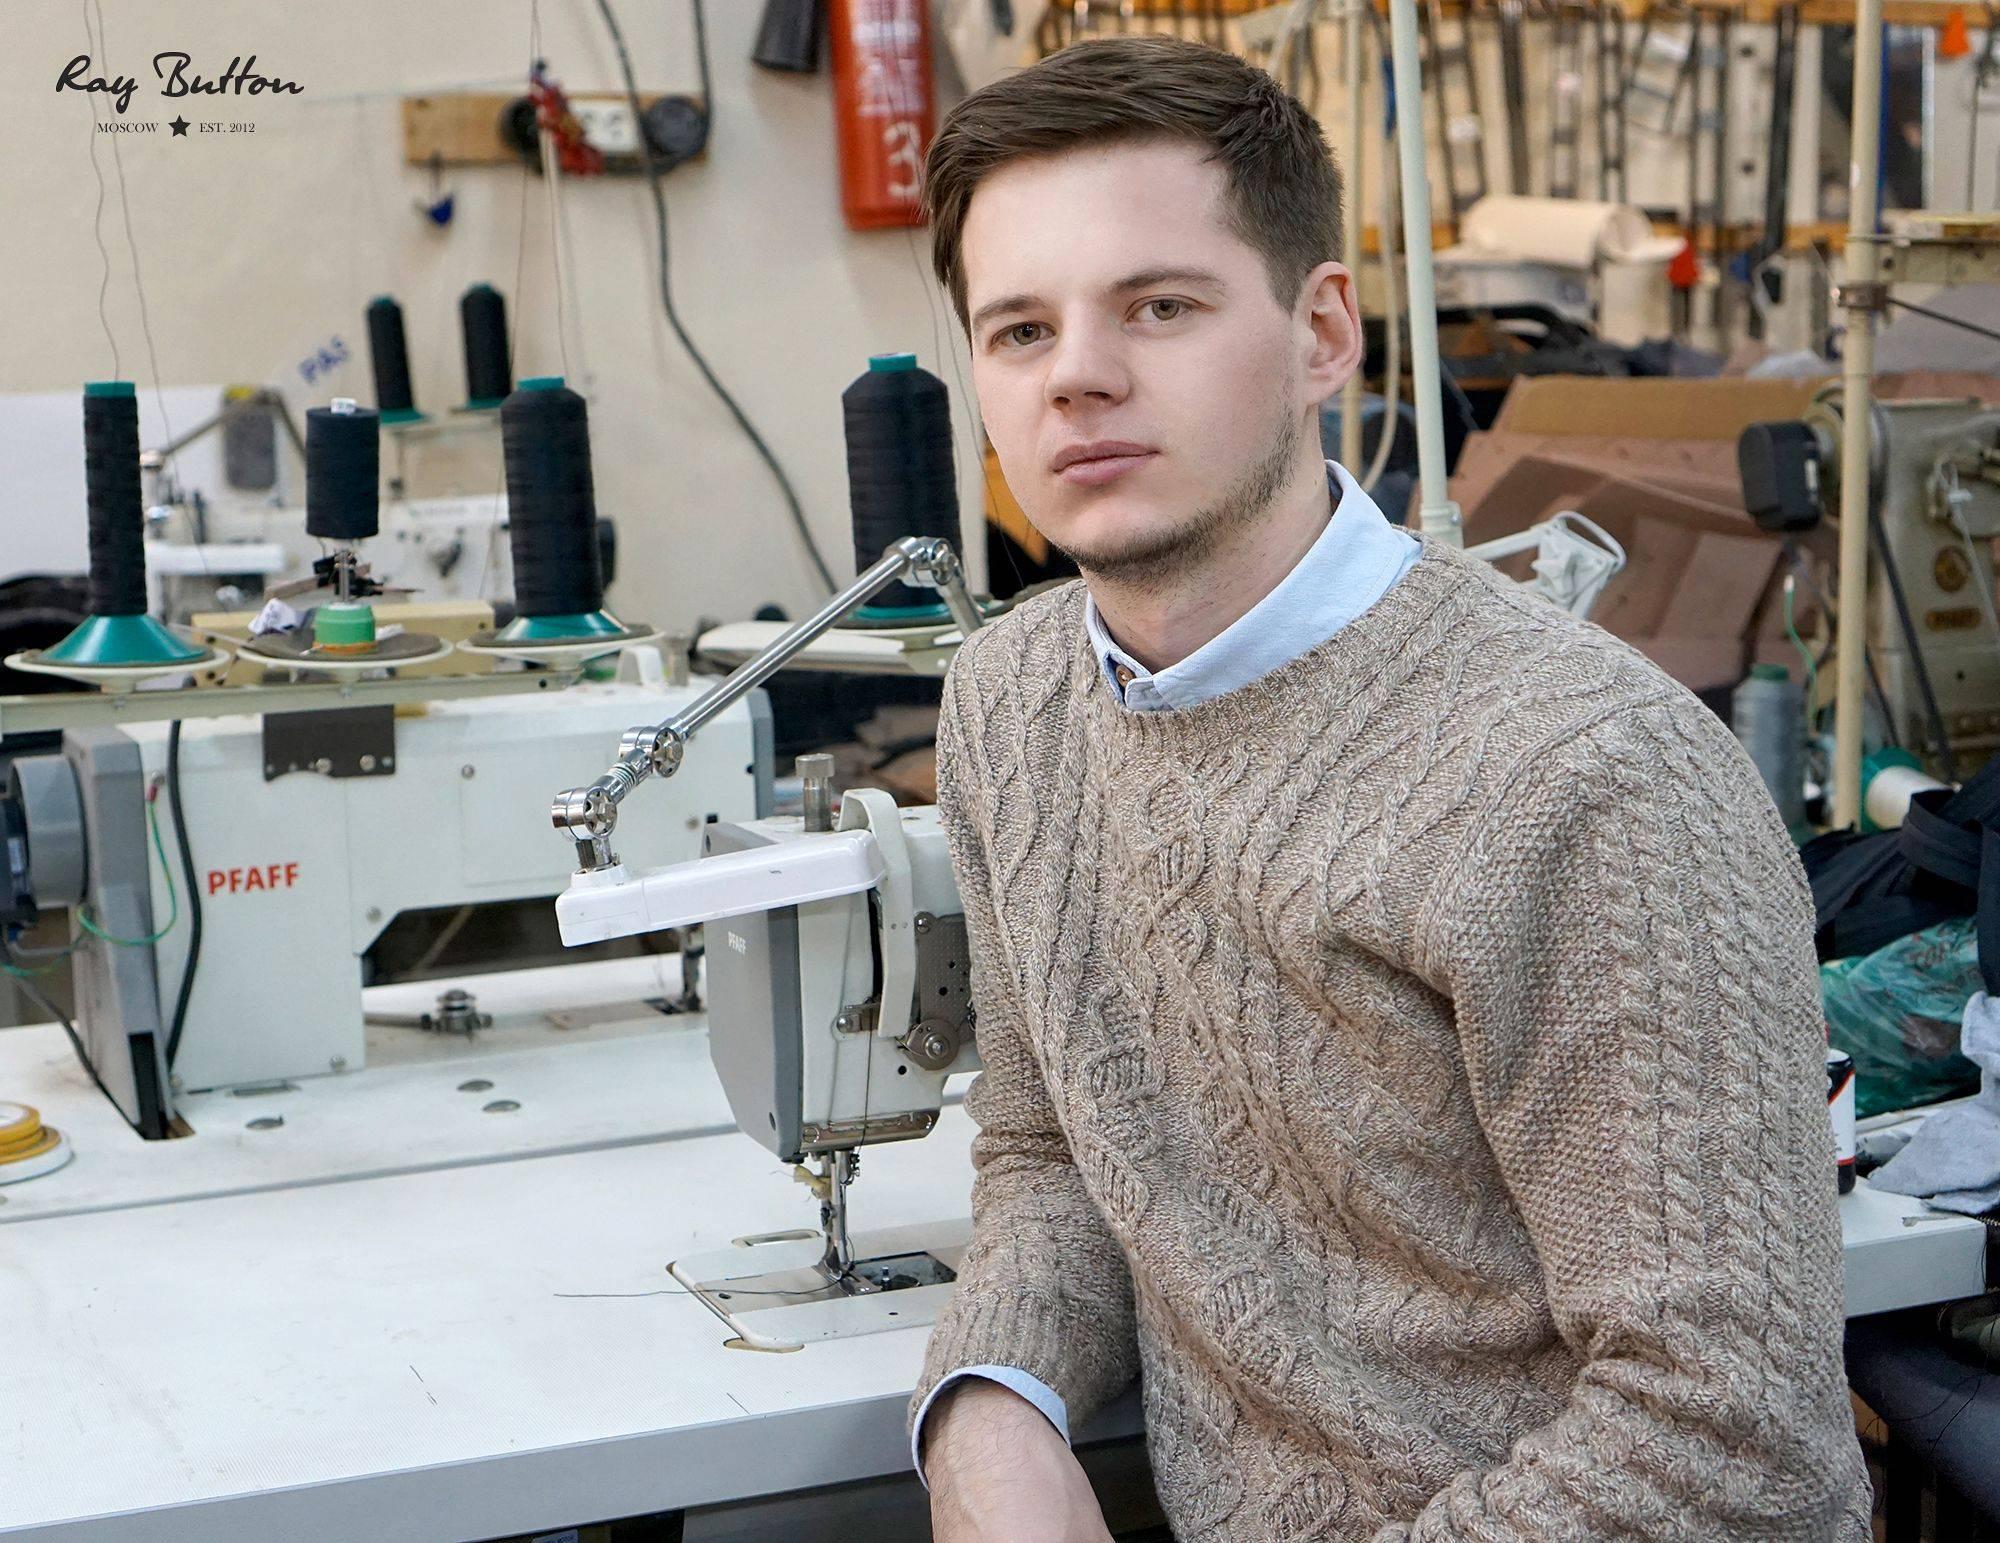 Интервью-с-основателем-отечественного-бренда-Ray-Button-Михаилом-Реокиным-1